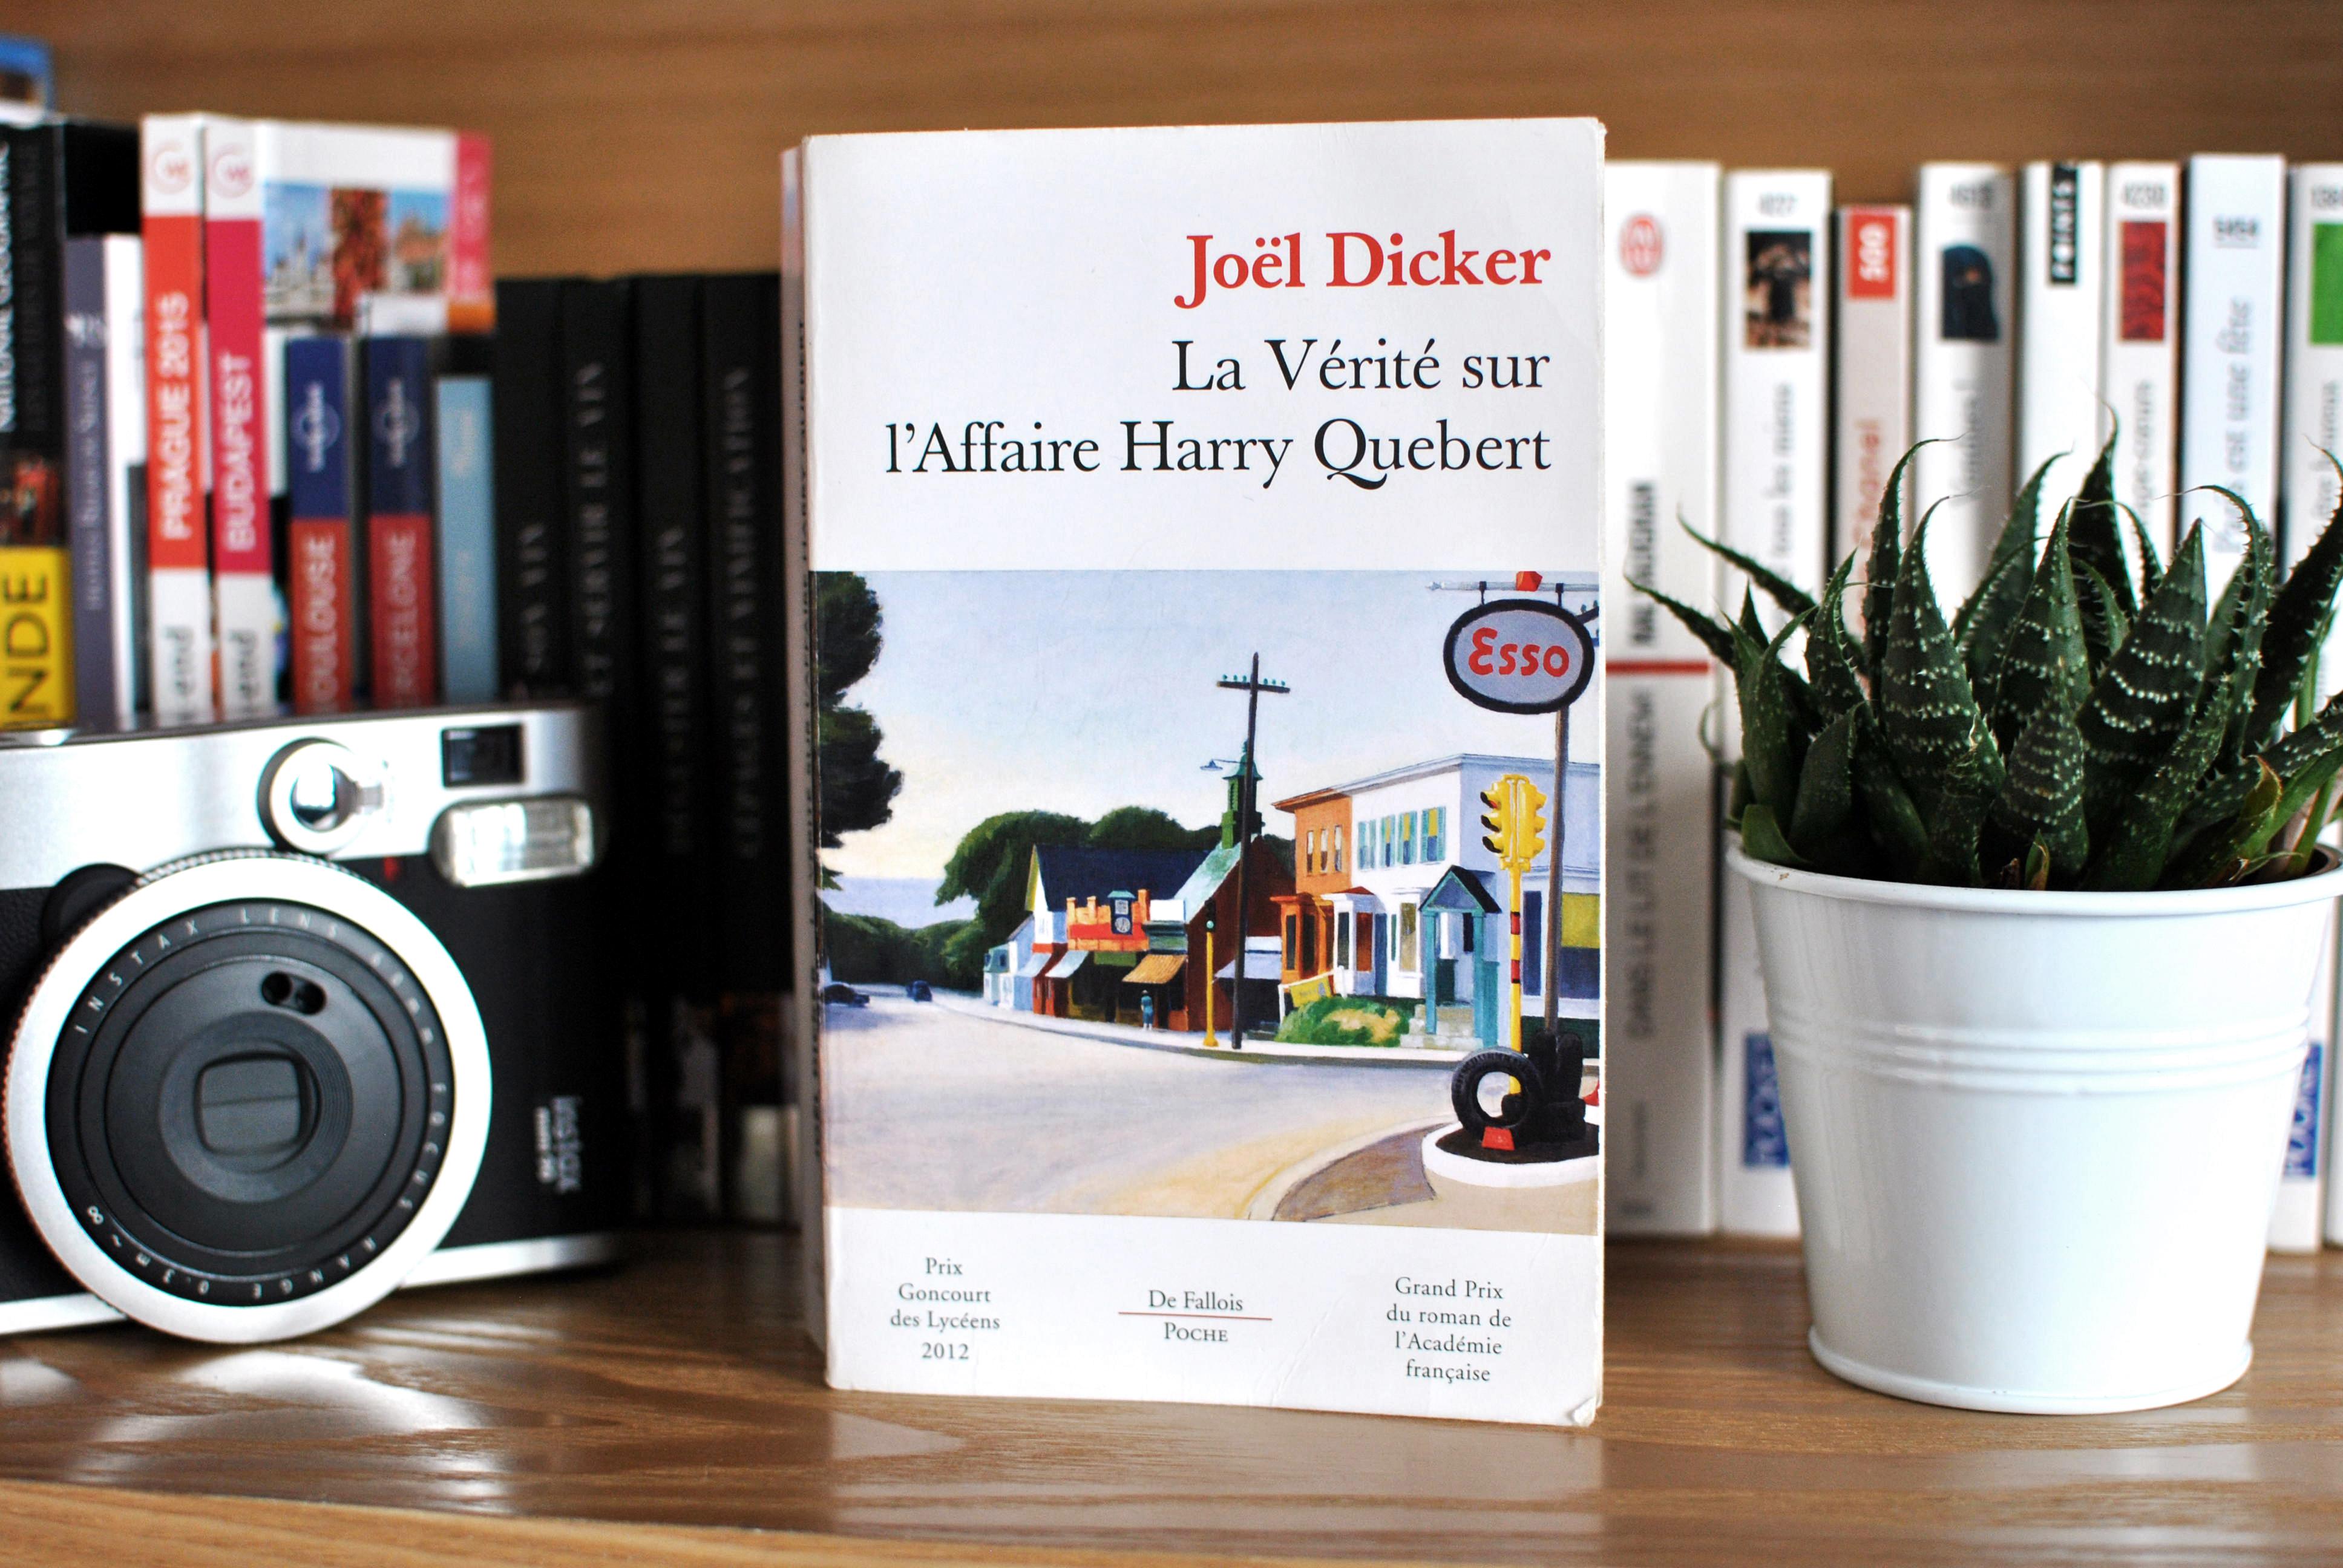 joel dicker la vérité sur l'affaire harry quebert le petit monde d'elodie livres book